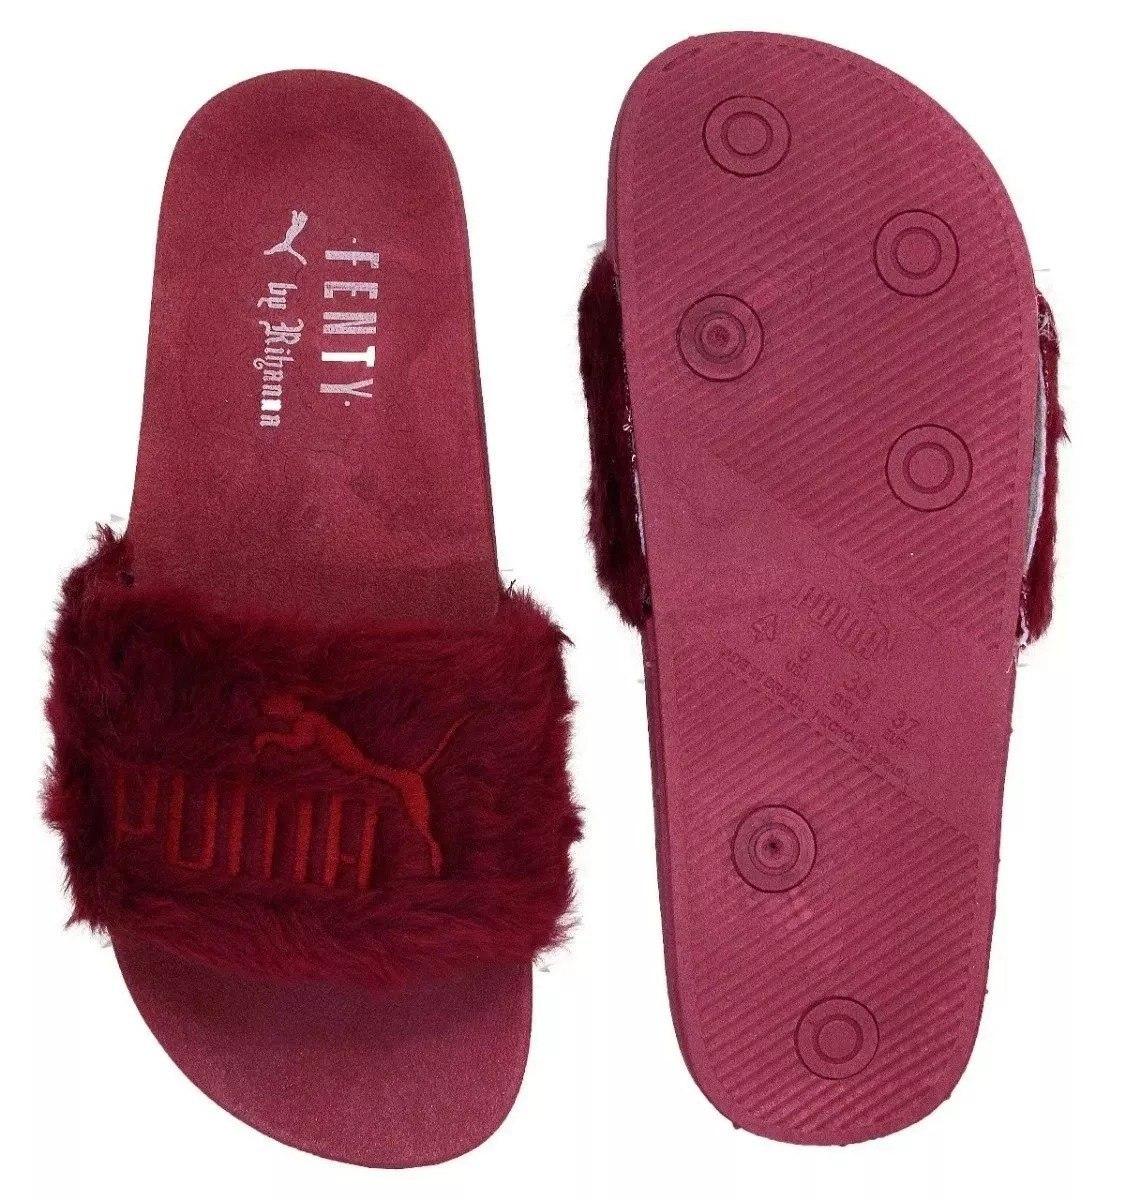 f7f61420f0058 chinelo sandália puma fenty slide pelinho lançamento. Carregando zoom.